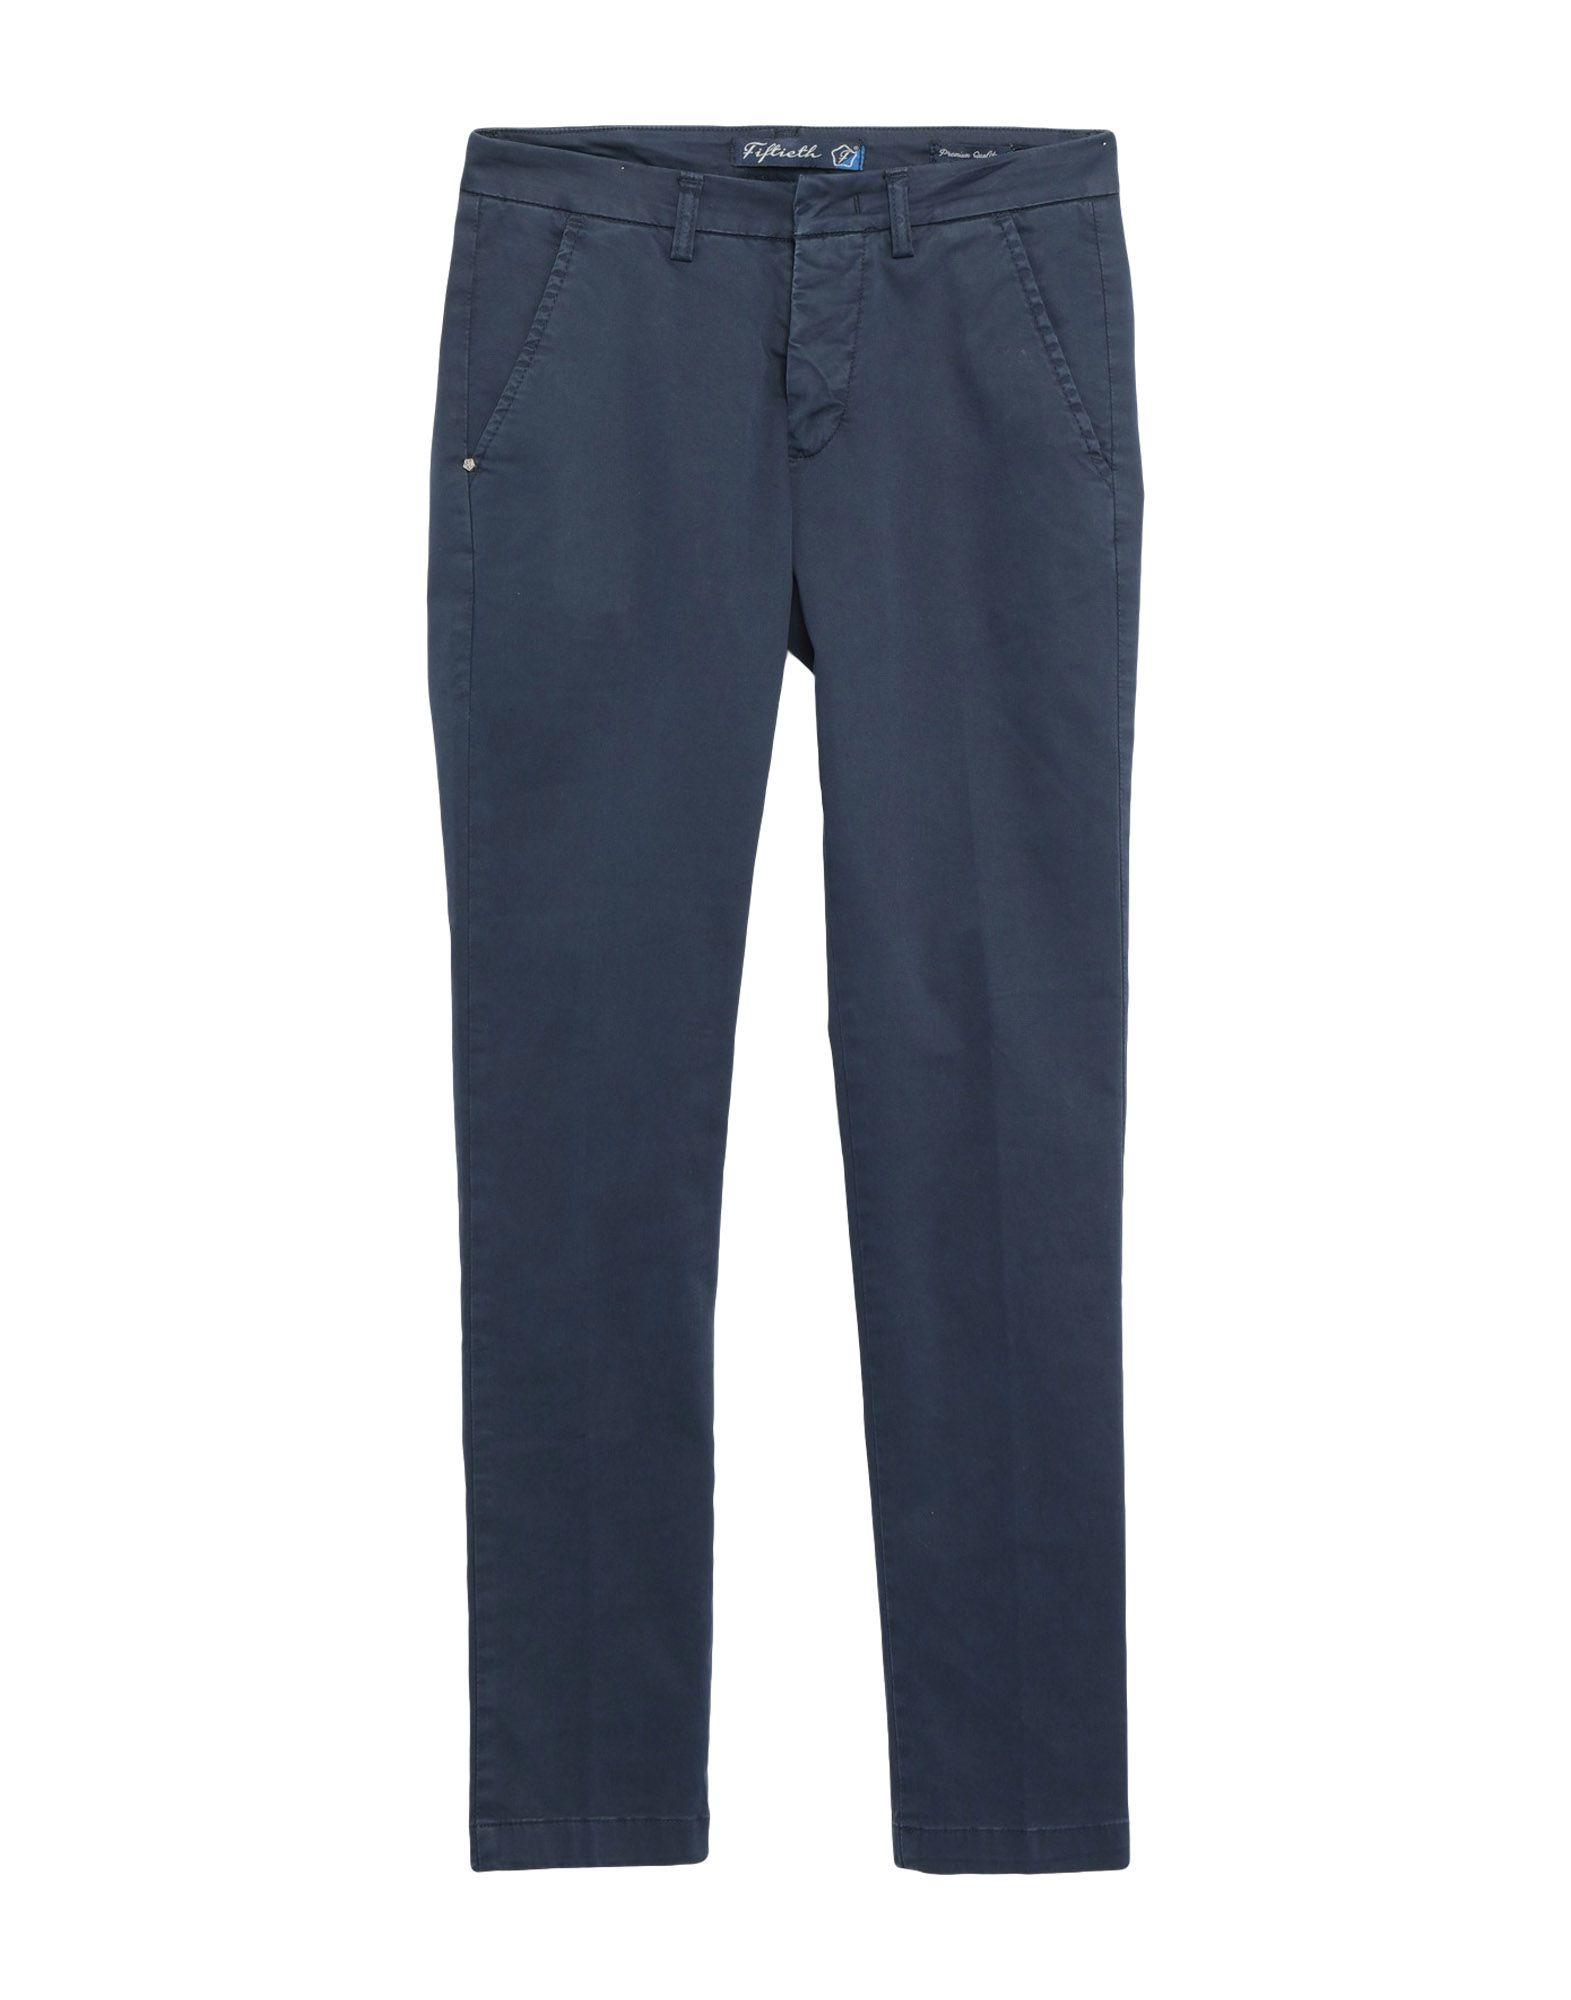 《期間限定セール開催中!》FIFTIETH メンズ パンツ ダークブルー 44 コットン 97% / ポリウレタン 3%